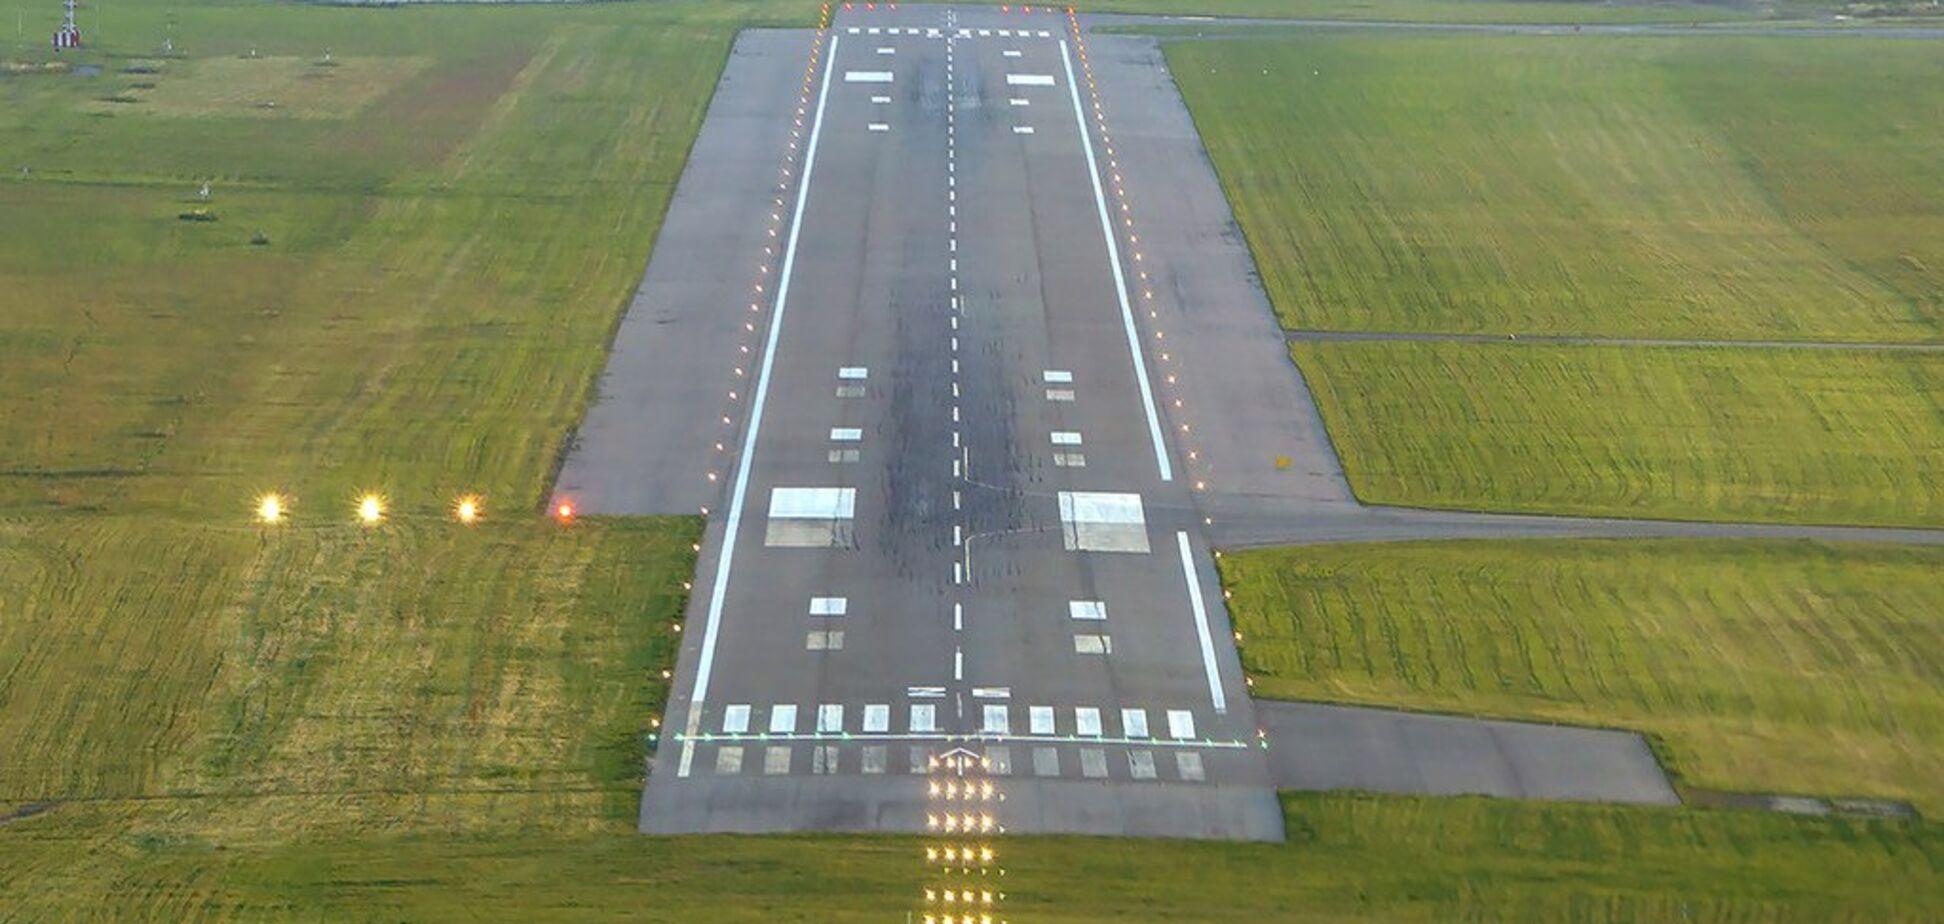 Аеропорт 'Київ' відновив роботу: які рейси сьогодні скасовано